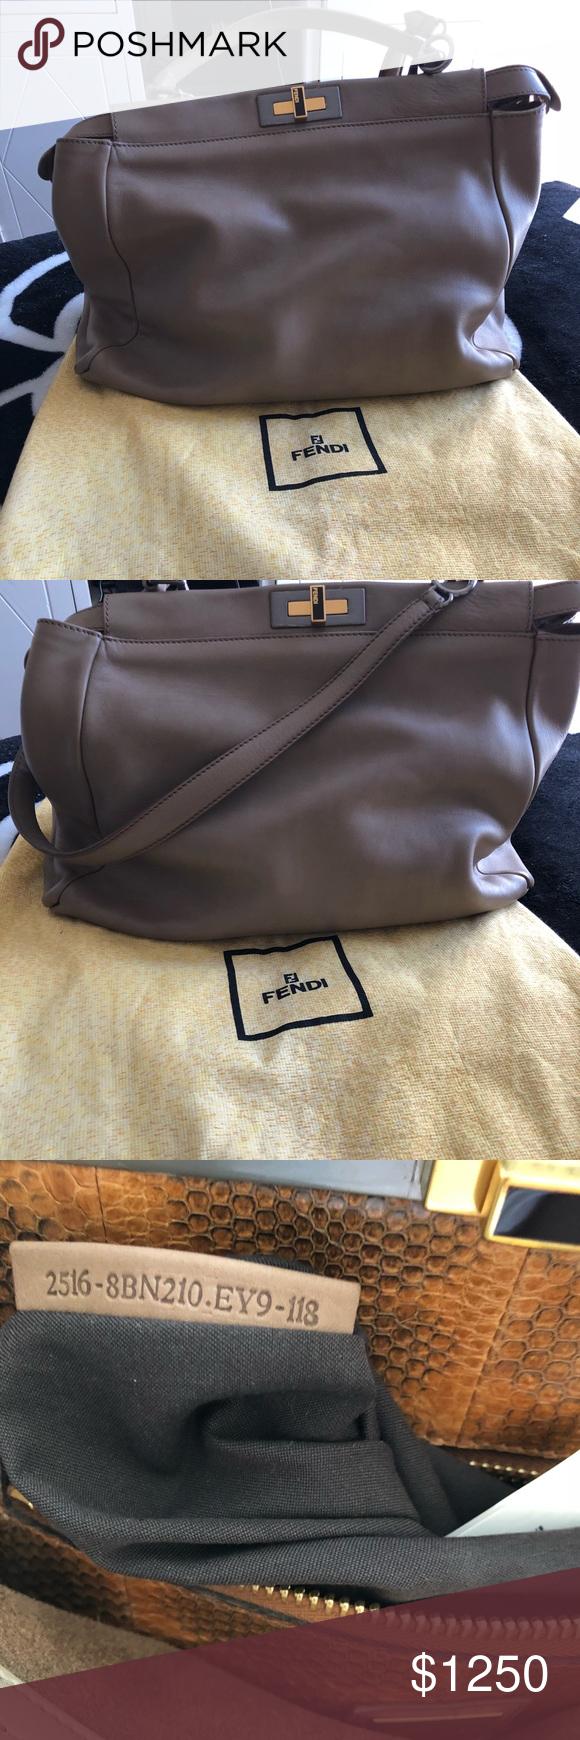 416442a5ff Fendi leather peekaboo purse Authentic fendi mirtile vitello saddle leather  large peekaboo bag Made of soft